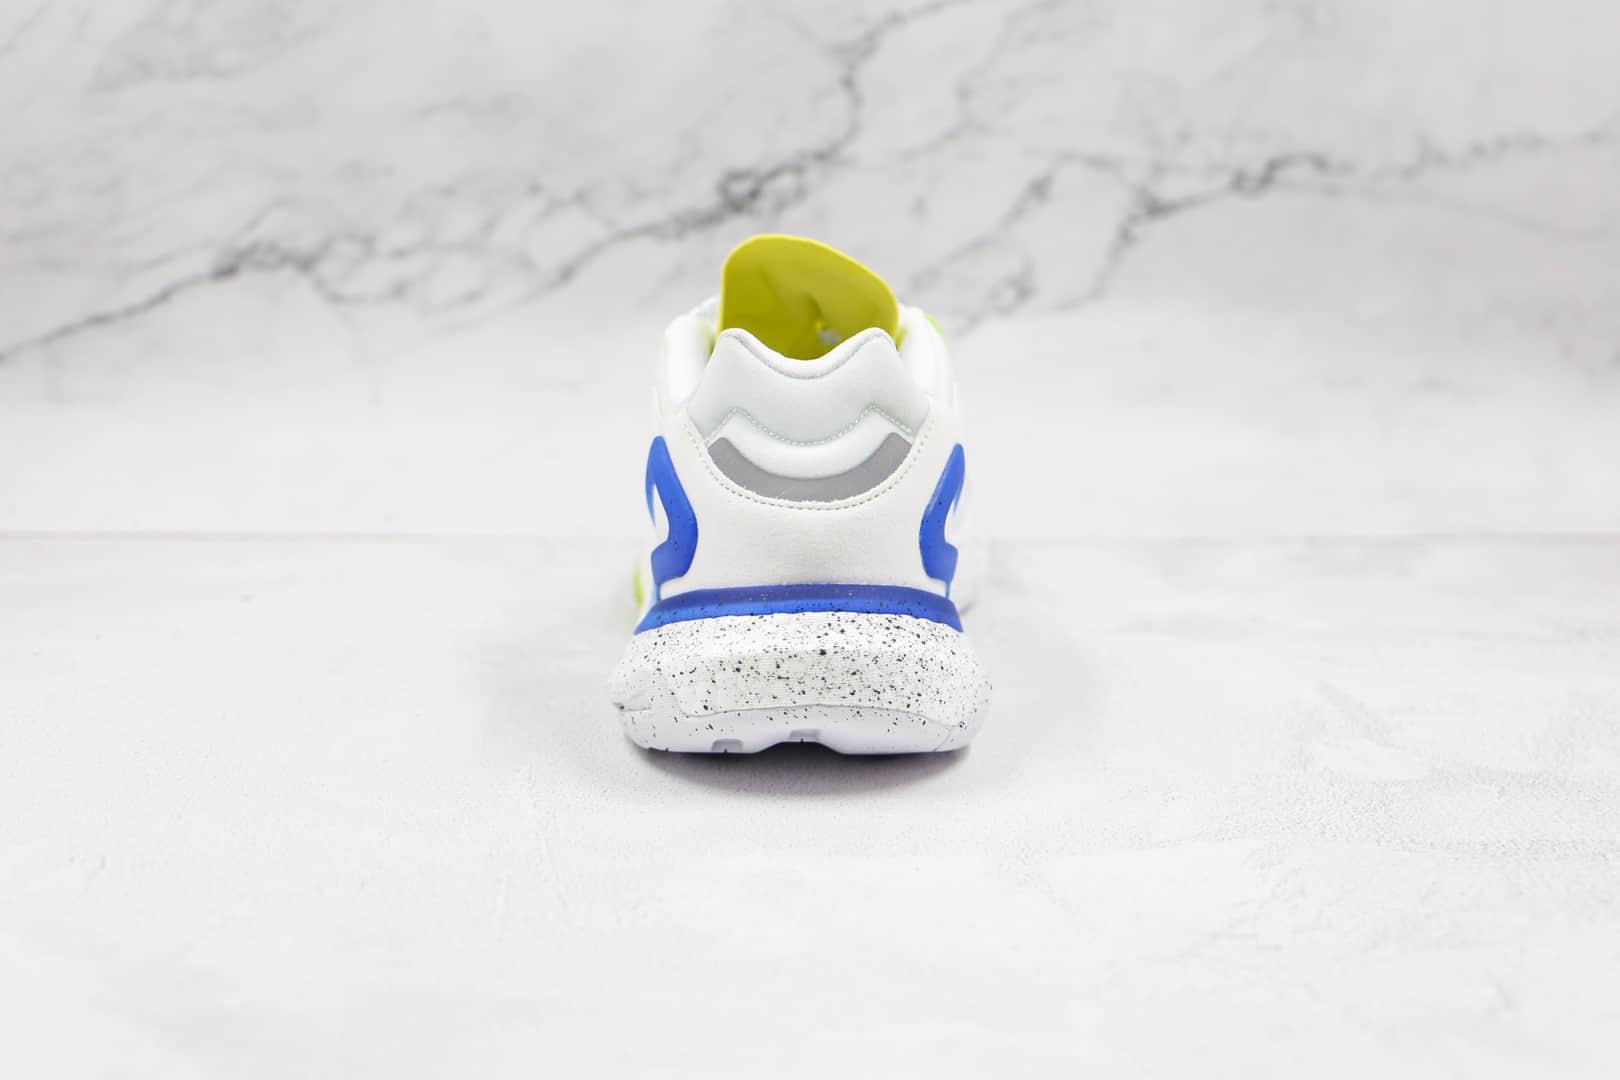 阿迪达斯Adidas Day Jogger 2021 Boost纯原版本夜行者二代网面白蓝绿色渐变色黑点爆米花跑鞋原盒原标 货号:GG4988